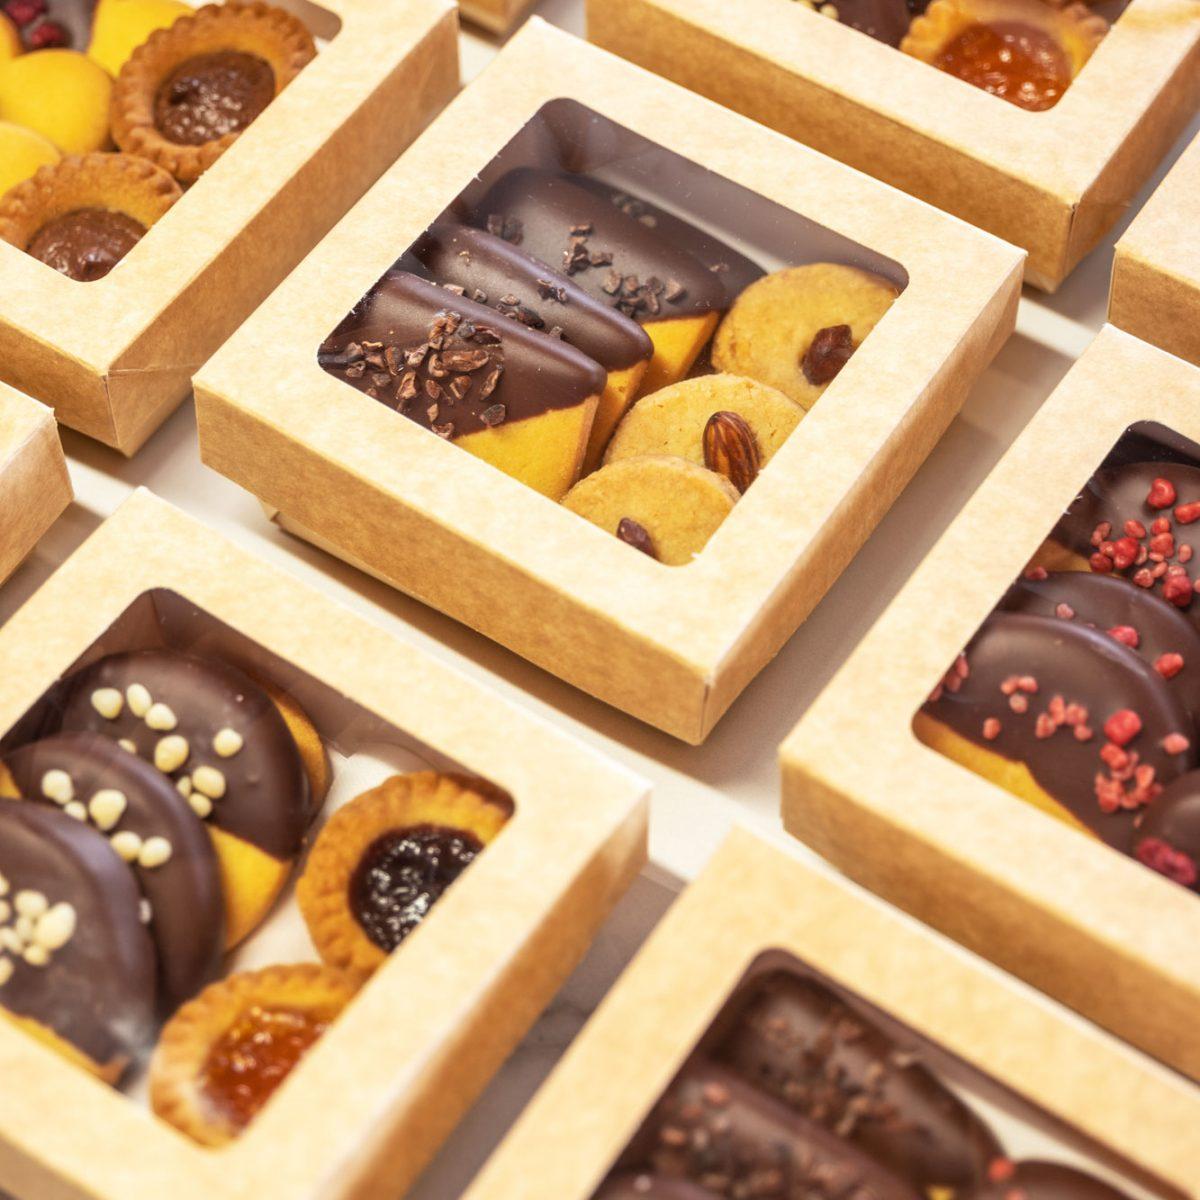 Le-scatole-kray-sono-le-food-box-perfette-per-il-delivery-food-e-il-take-away.-Un-focus-su-questo-prodotto-per-conoscerlo-meglio.6